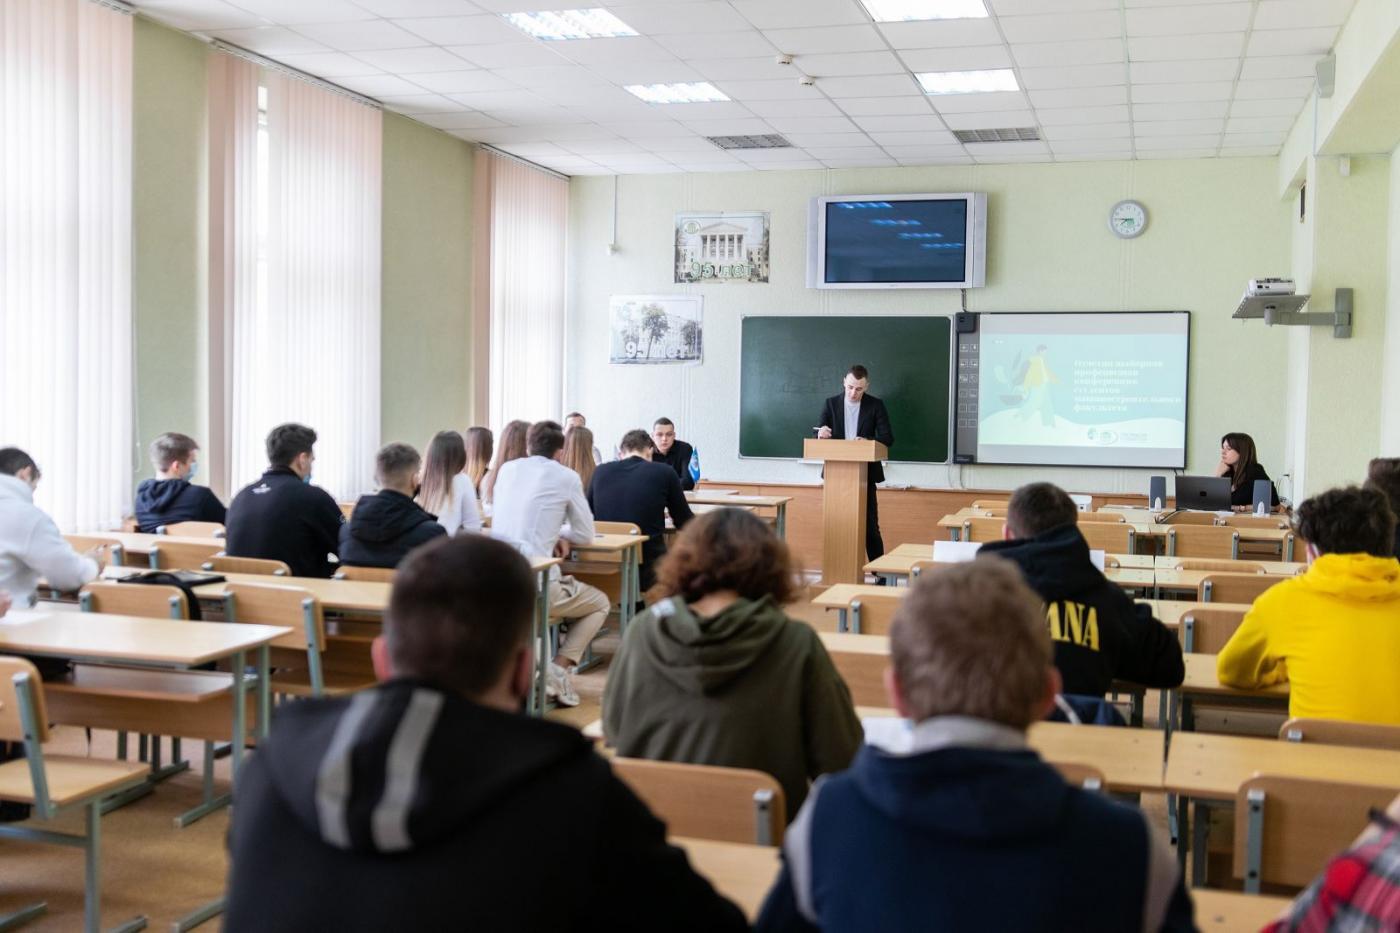 Подводим итоги и вновь будем действовать: отчетно-выборочная профсоюзная конференция студентов МСФ